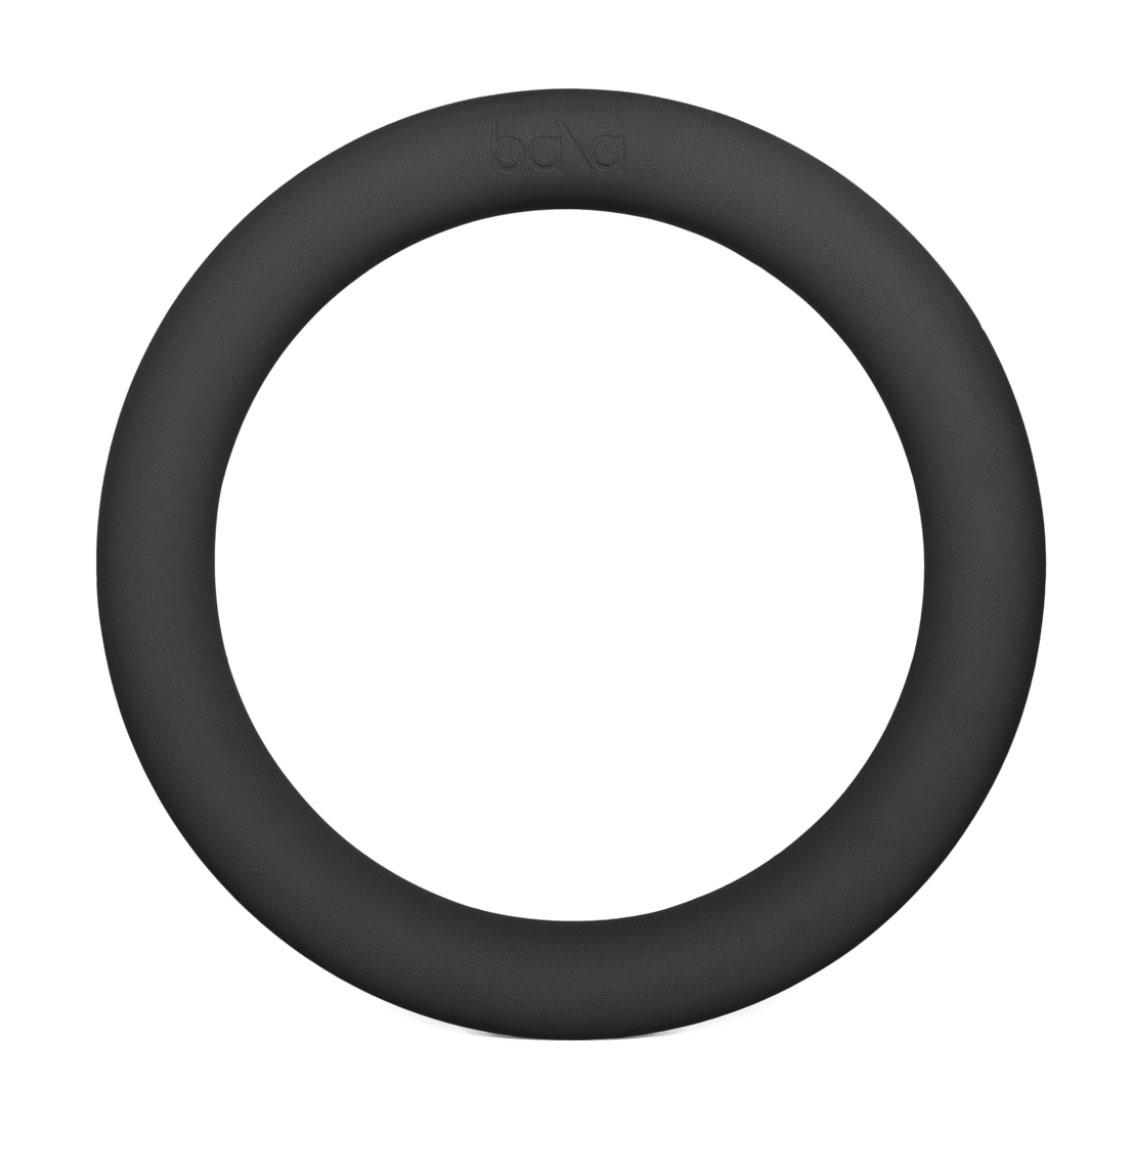 Bala Power Ring Δαχτυλίδι Εκγύμνασης Ανθρακί 4,5kg